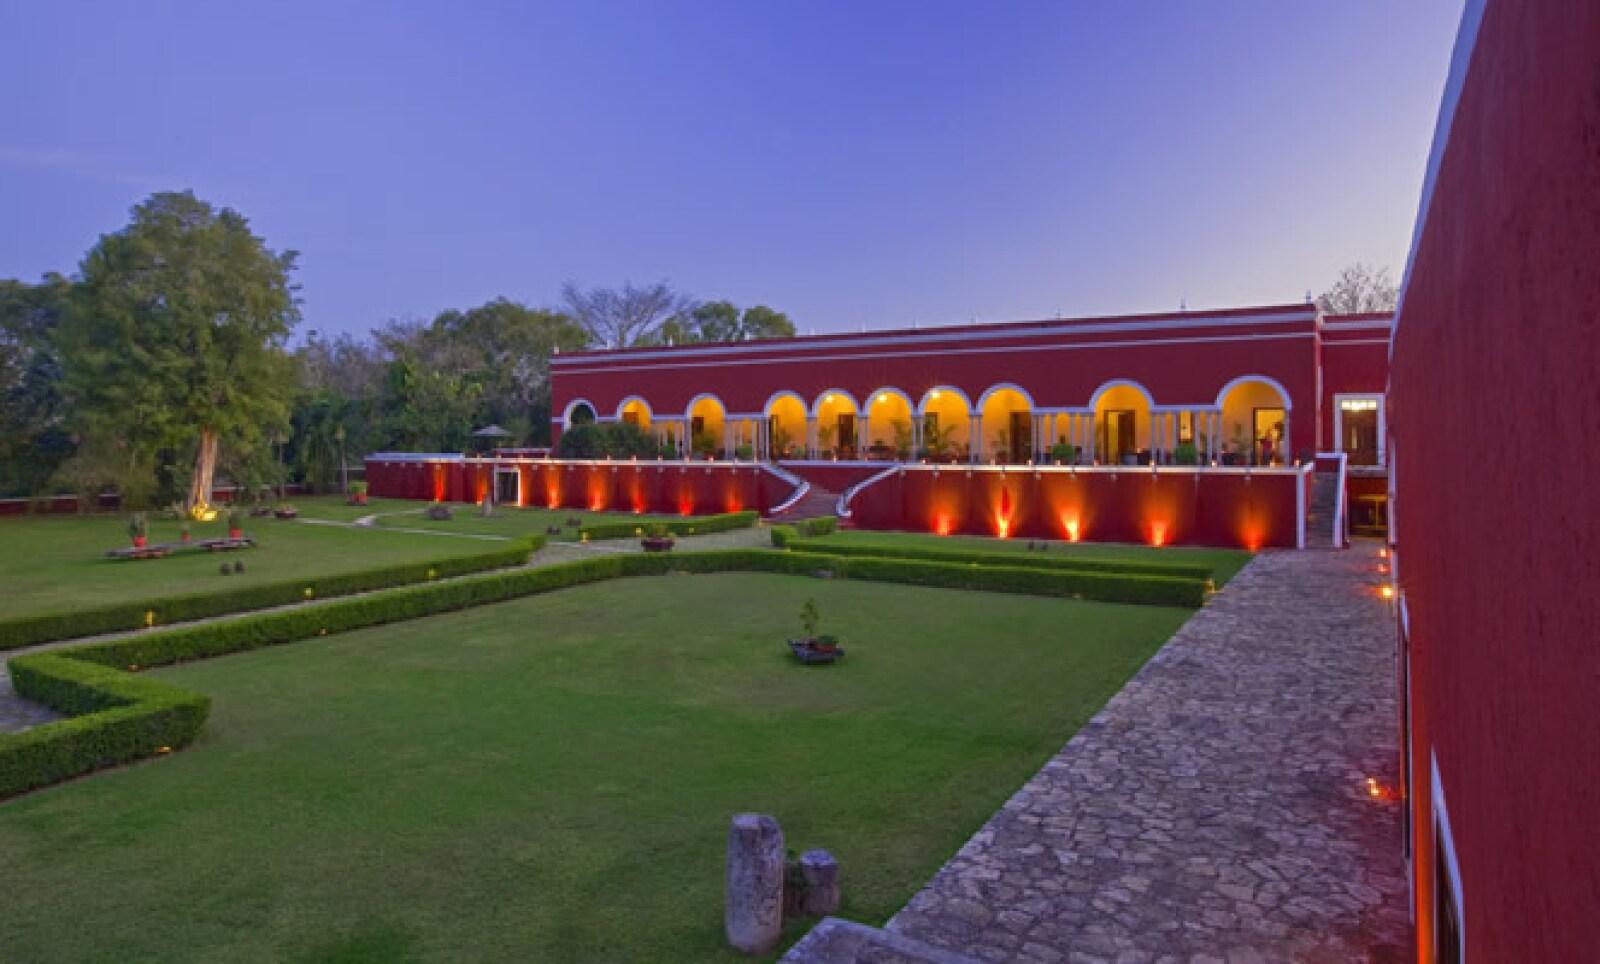 Rodeada de reservas naturales y joyas arqueológicas, la hacienda Temozón data del siglo XVI y recientemente fue restaurada por el grupo Starwood Hotels.